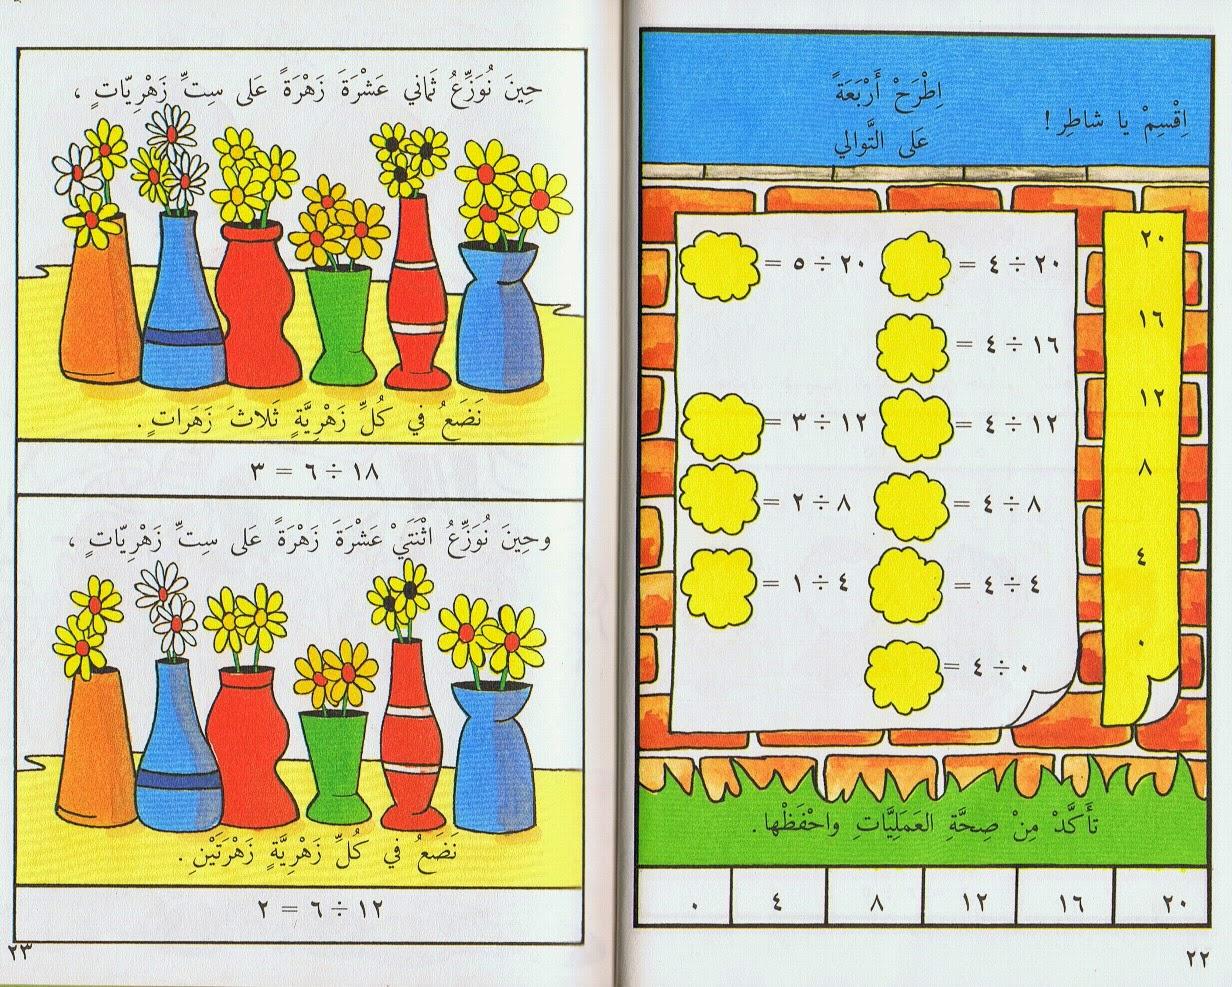 كتاب تعليم القسمة لأطفال الصف الثالث بالألوان الطبيعية 2015 CCI05062012_00041.jp